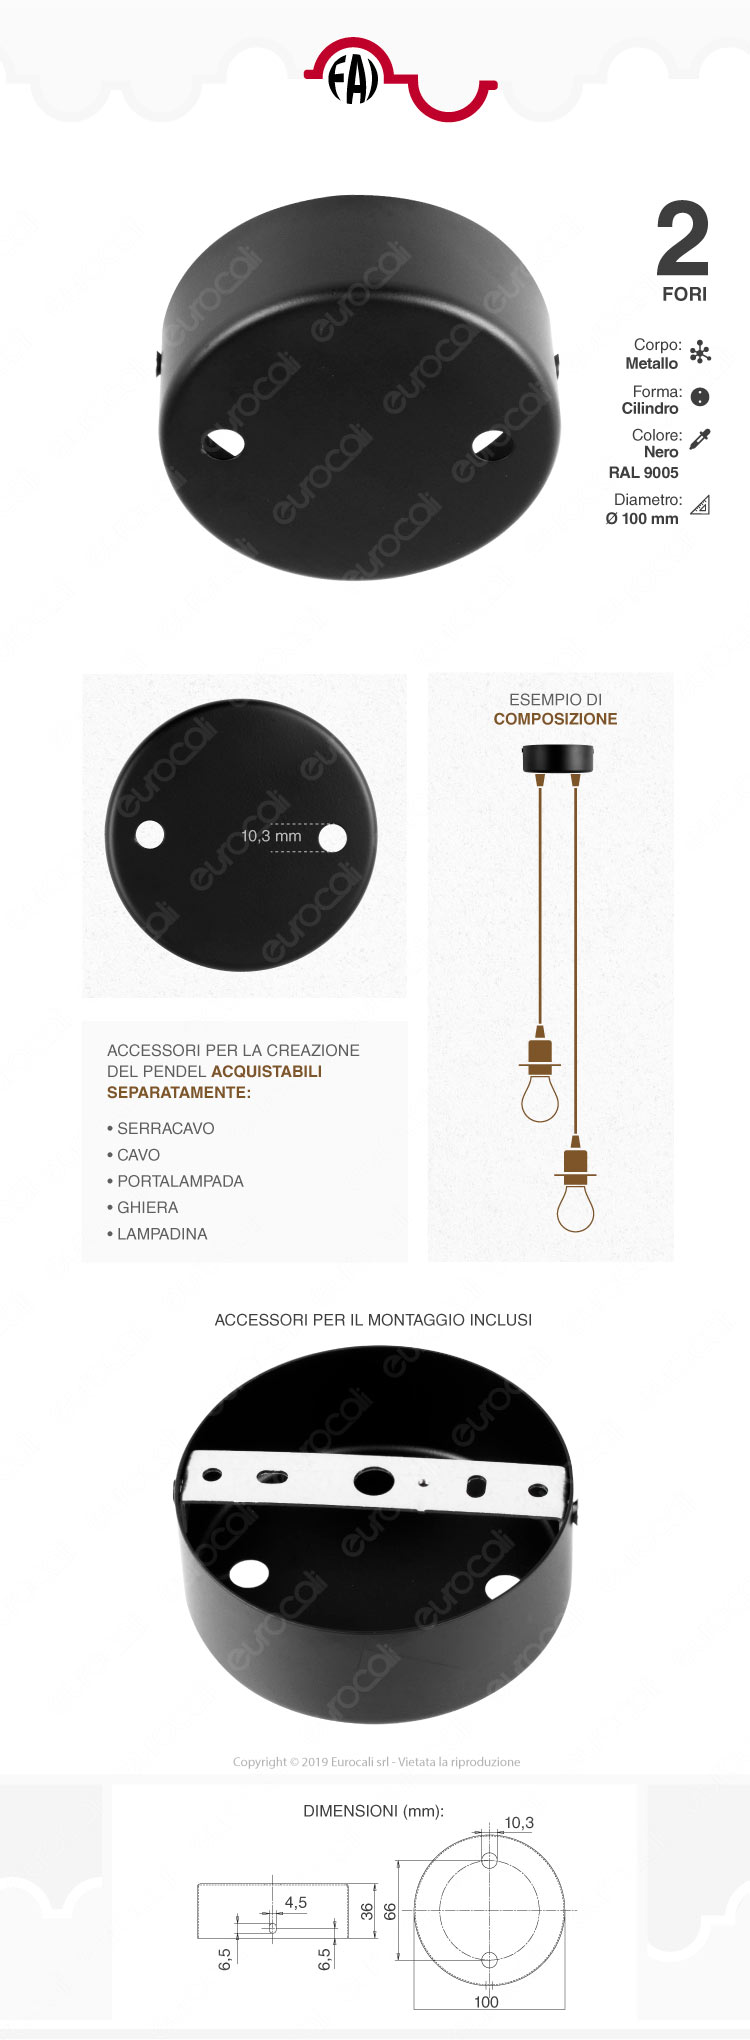 FAI Rosone Cilindrico in Metallo 2 Fori Colore Nero Opaco